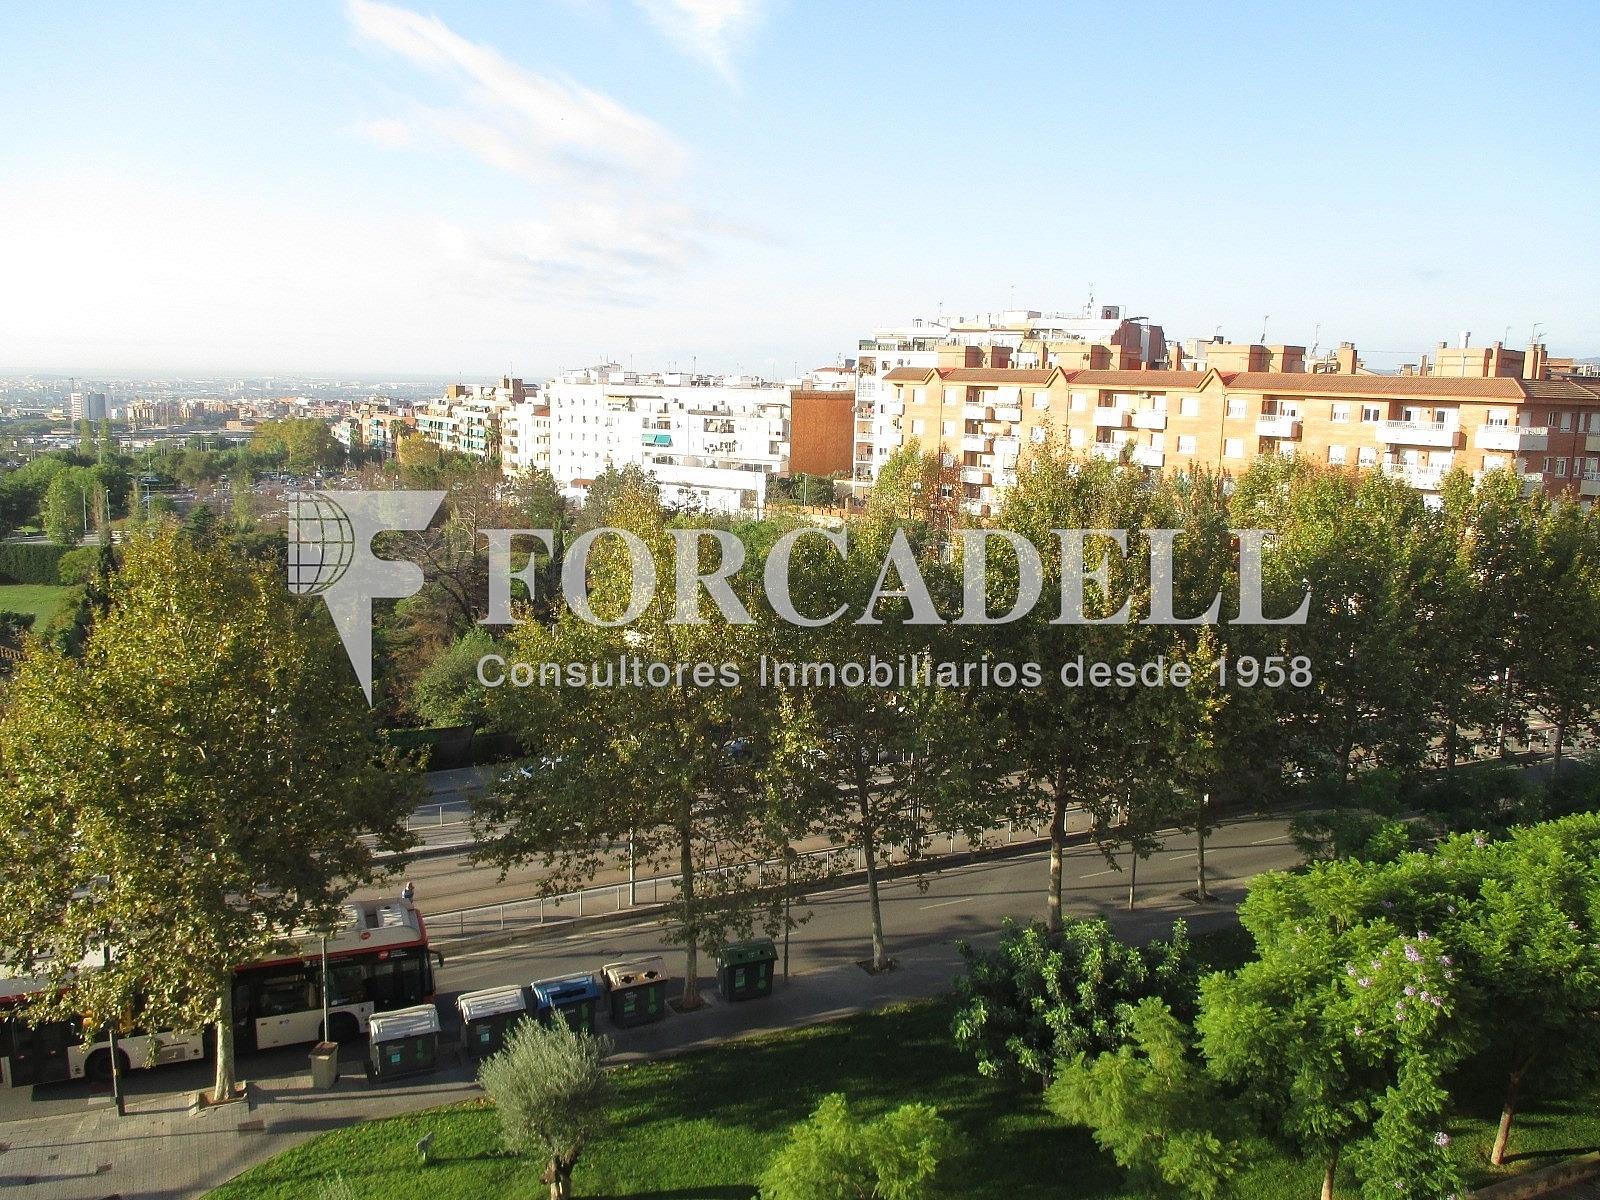 IMG_2692 - Piso en alquiler en calle Merce Rodoreda, Can clota en Esplugues de Llobregat - 331432116